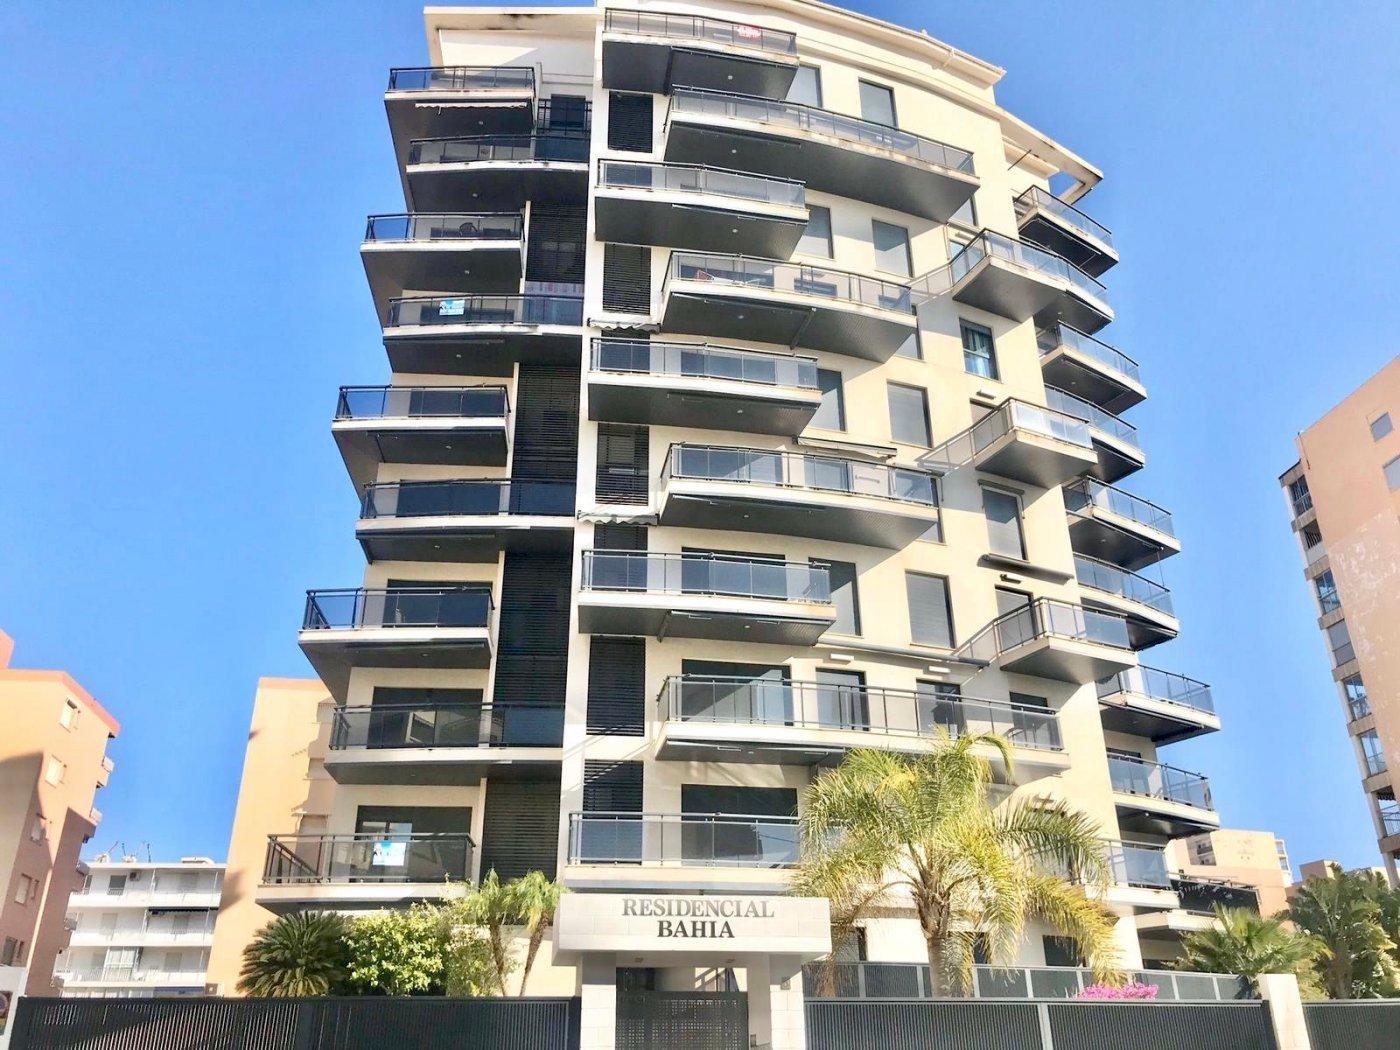 Apartamento en playa de gandia con piscina comunitaria y garaje incluido - imagenInmueble33